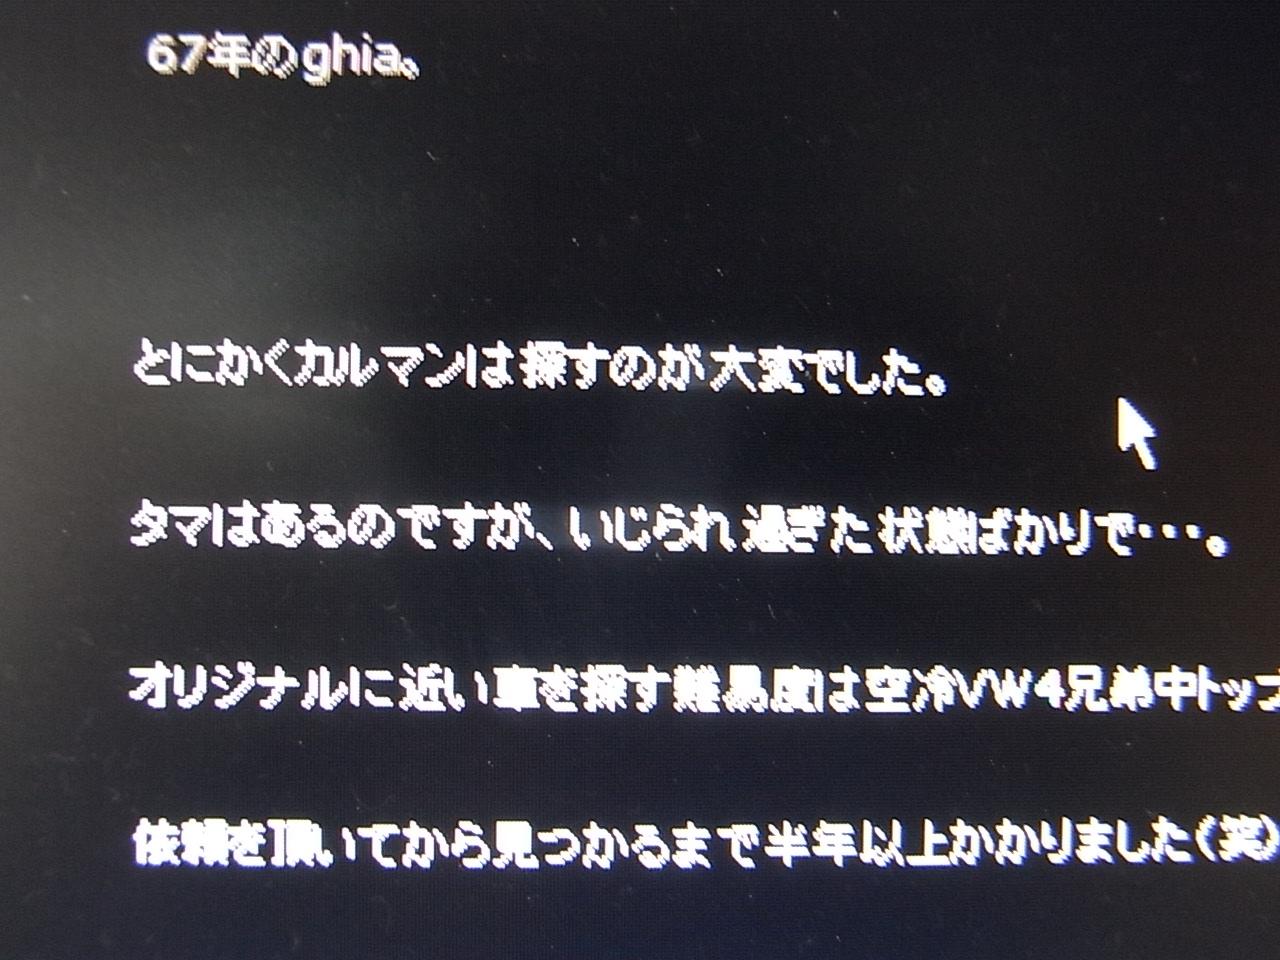 RIMG4239.JPG 1280×960 356K